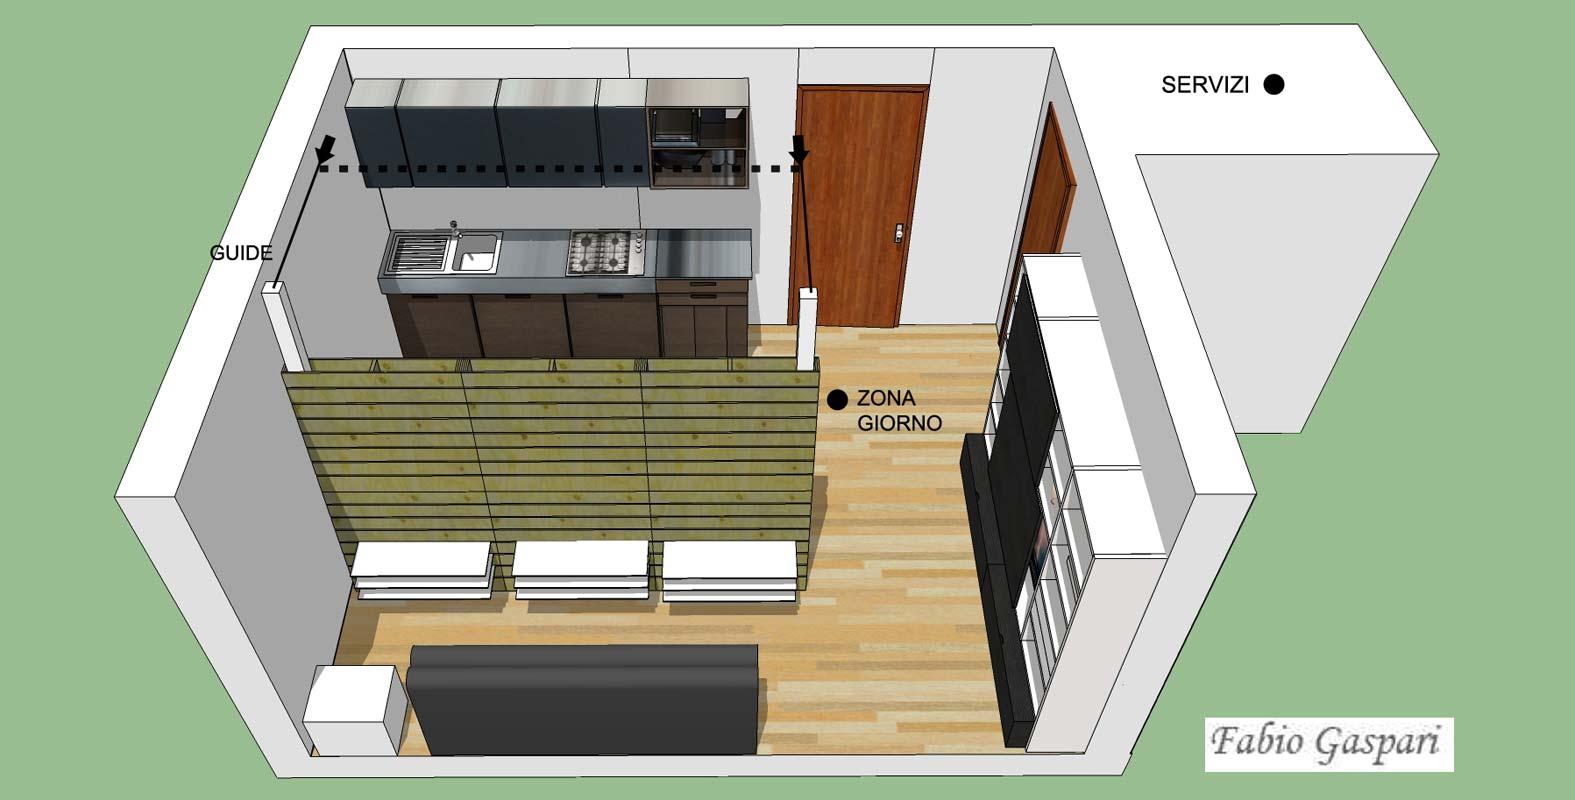 Come arredare monolocale 25 mq hd09 regardsdefemmes for Piccoli progetti di casa gratuiti